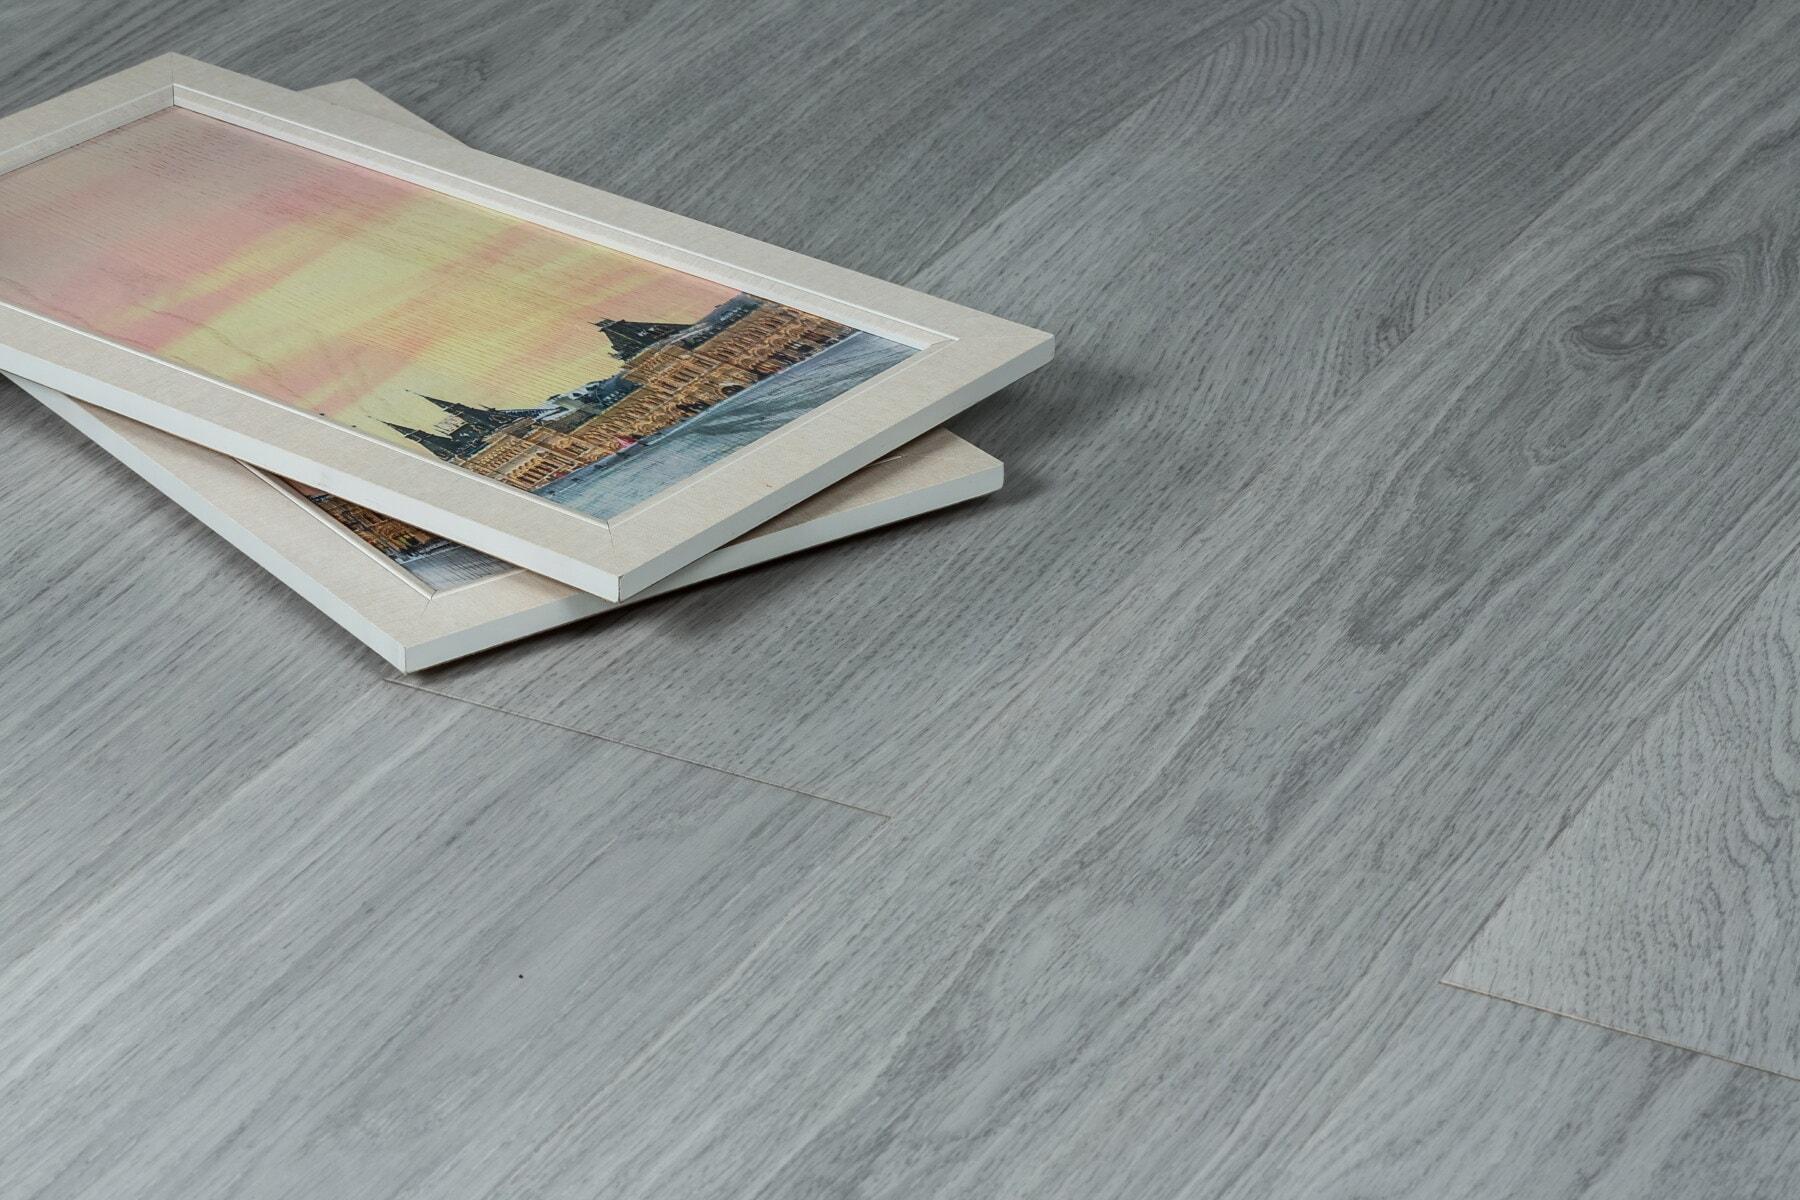 框架, 照片, 图片, 对象, 木, 详细信息, 木材, 复古, 室内, 硬木